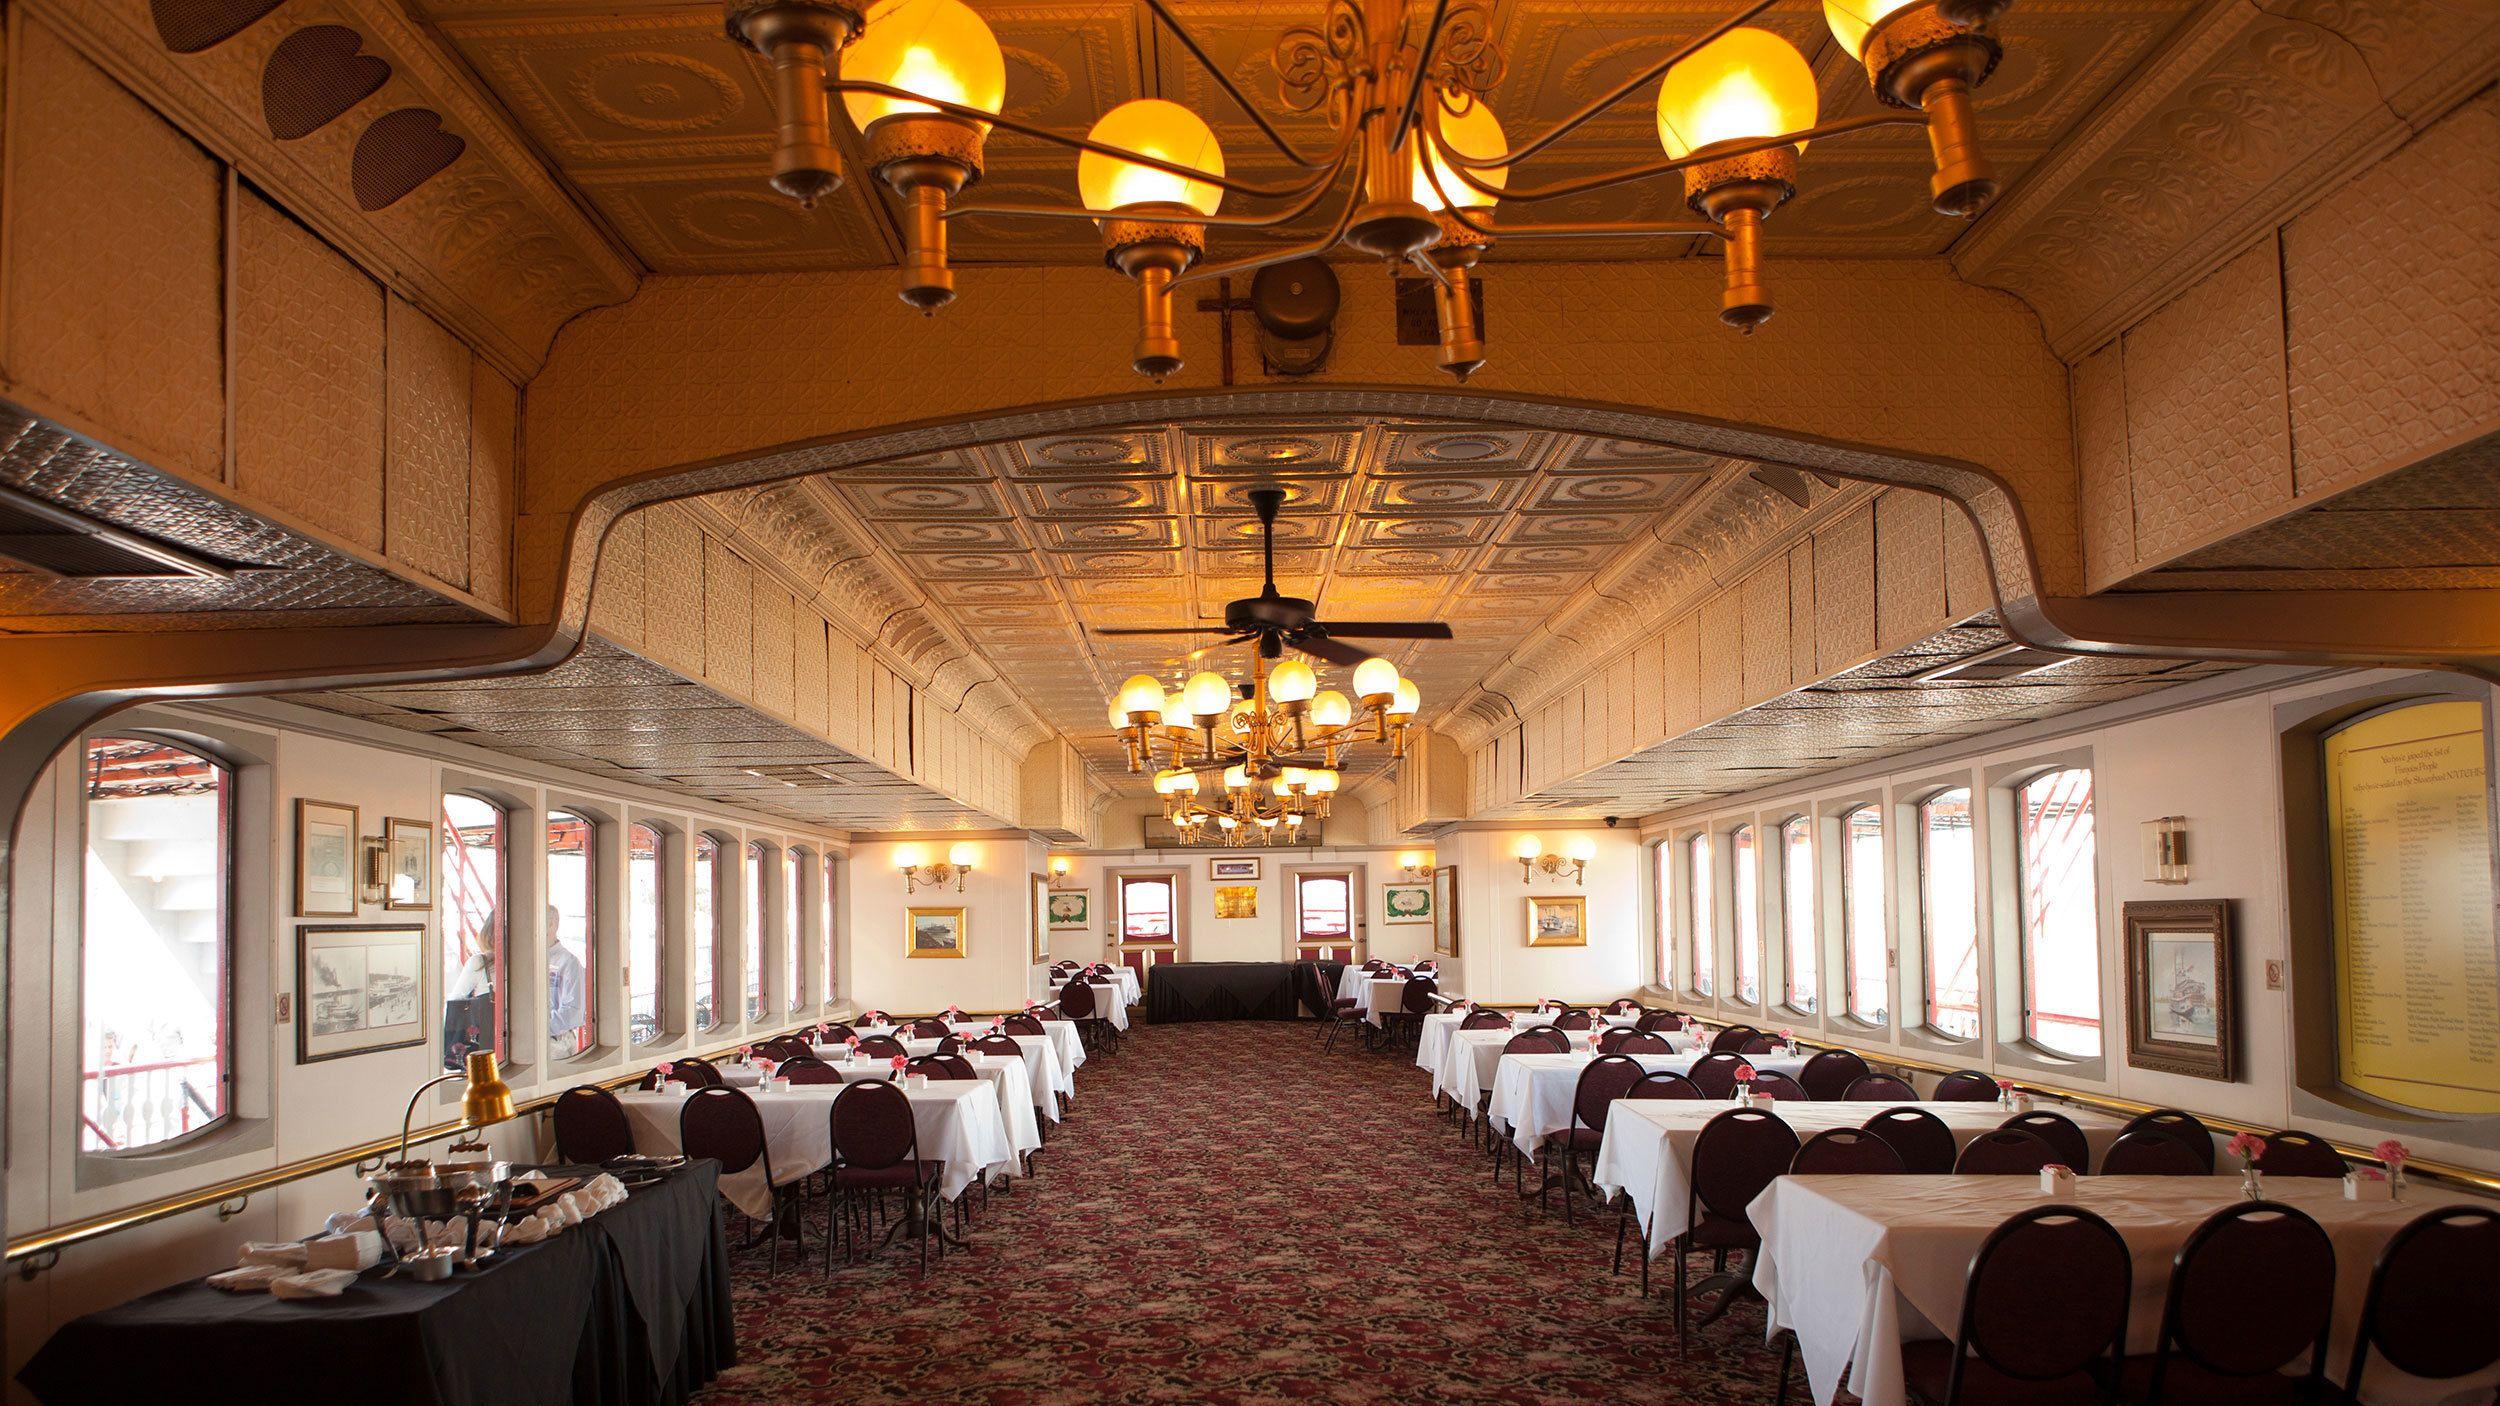 Steamboat Natchez Sunday Jazz Cruise